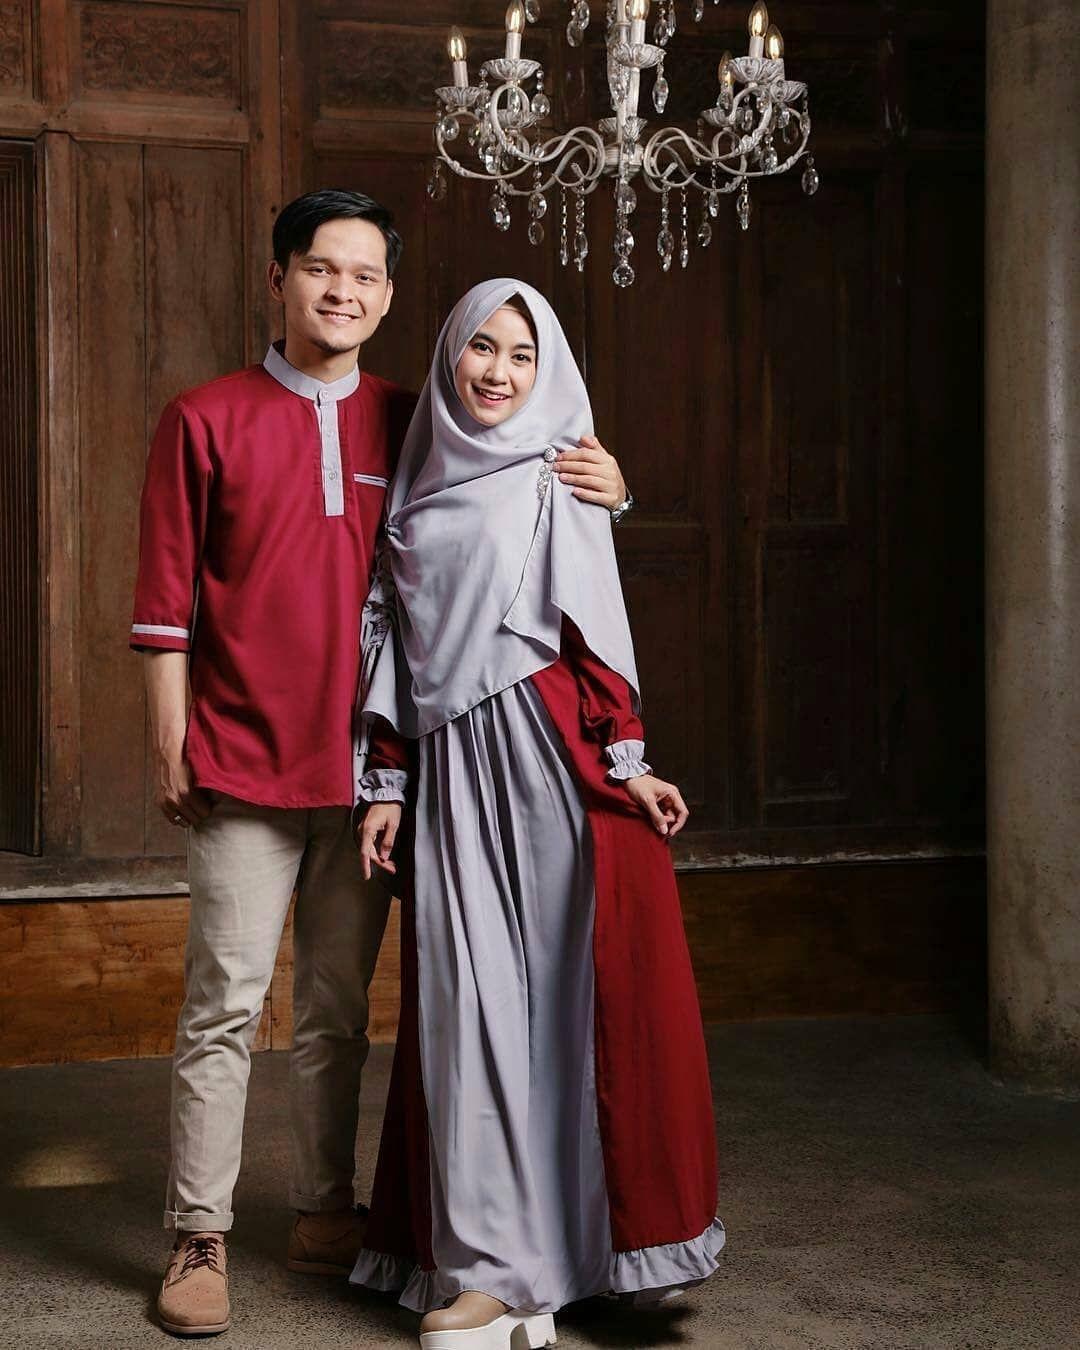 Baju Muslim Couple - Apakah Anda ingin terlihat kompak, serasi